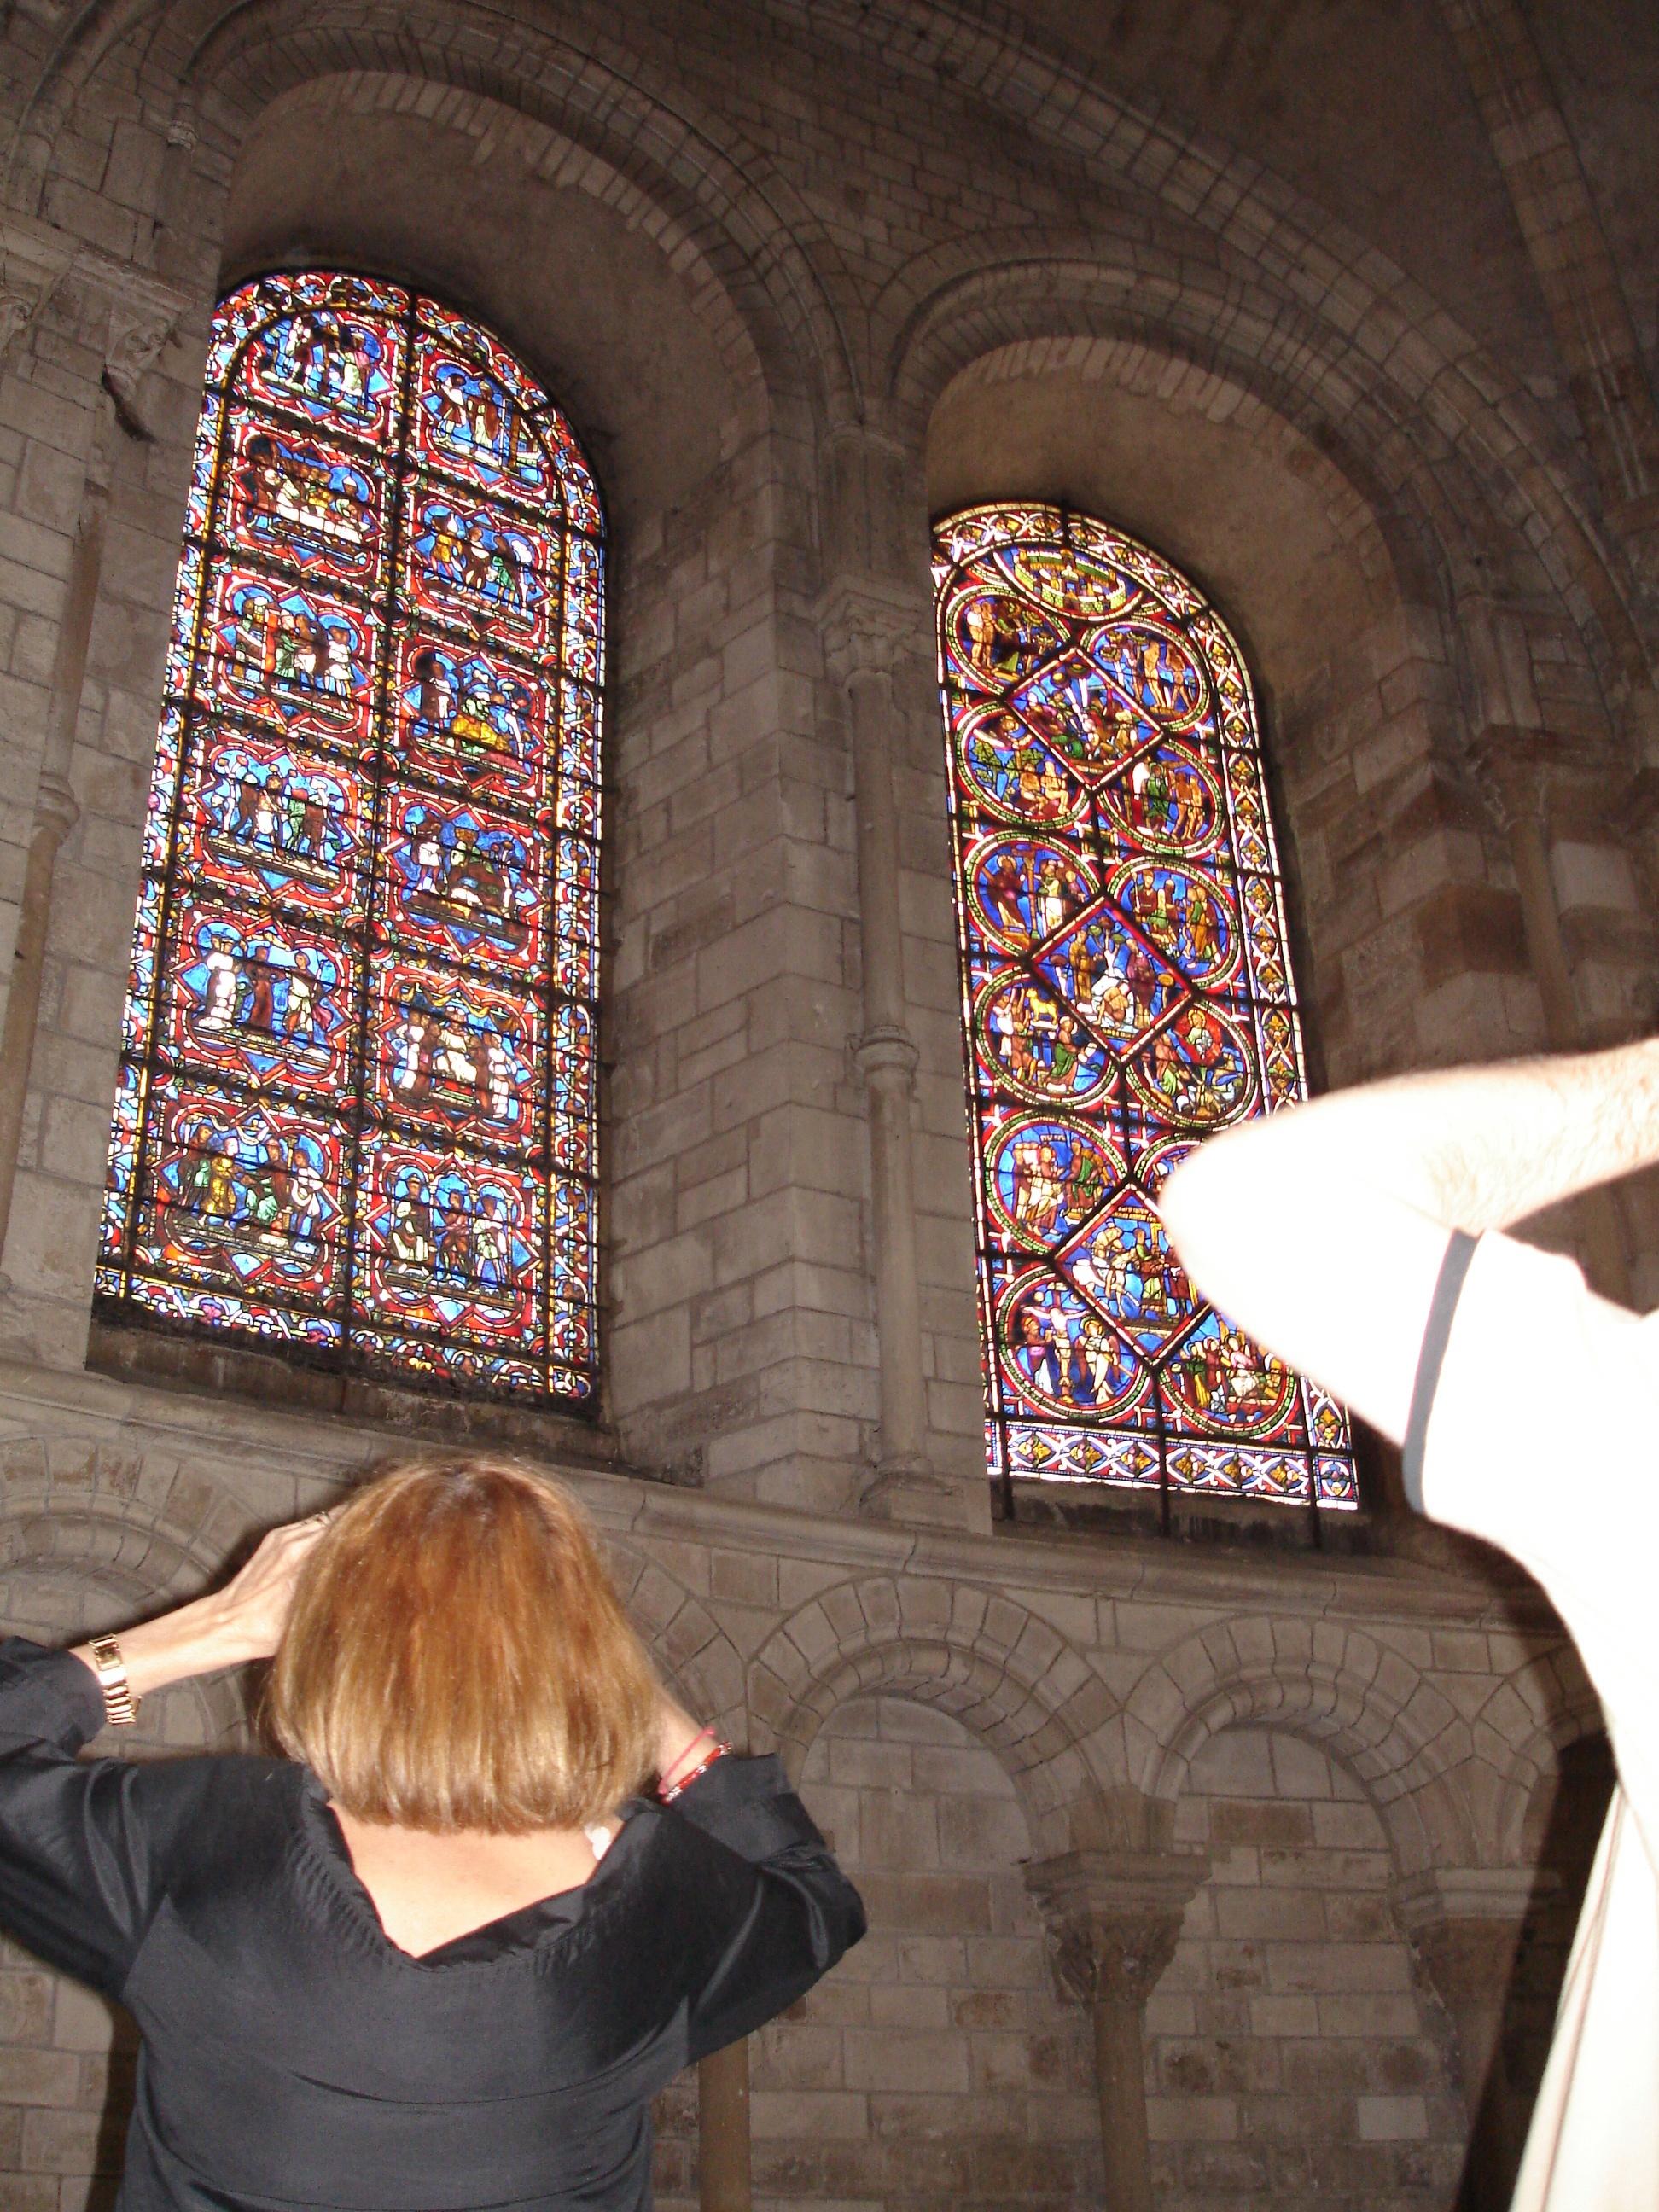 © Office de Tourisme de © Visite thématique Les Métiers dans la cathédrale, Sens